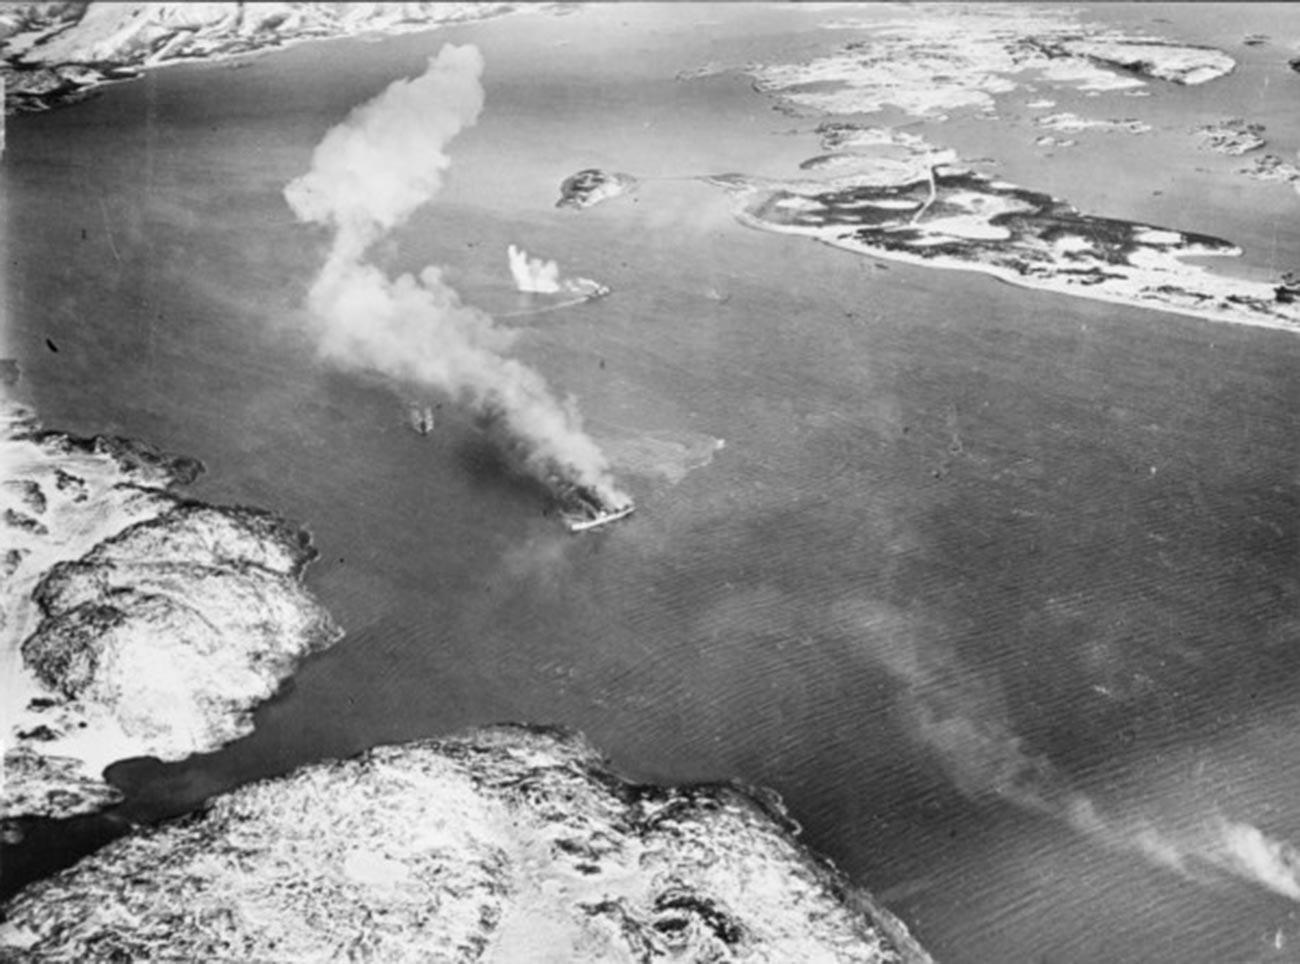 Bombardiranje Rigla, posneto z zraka